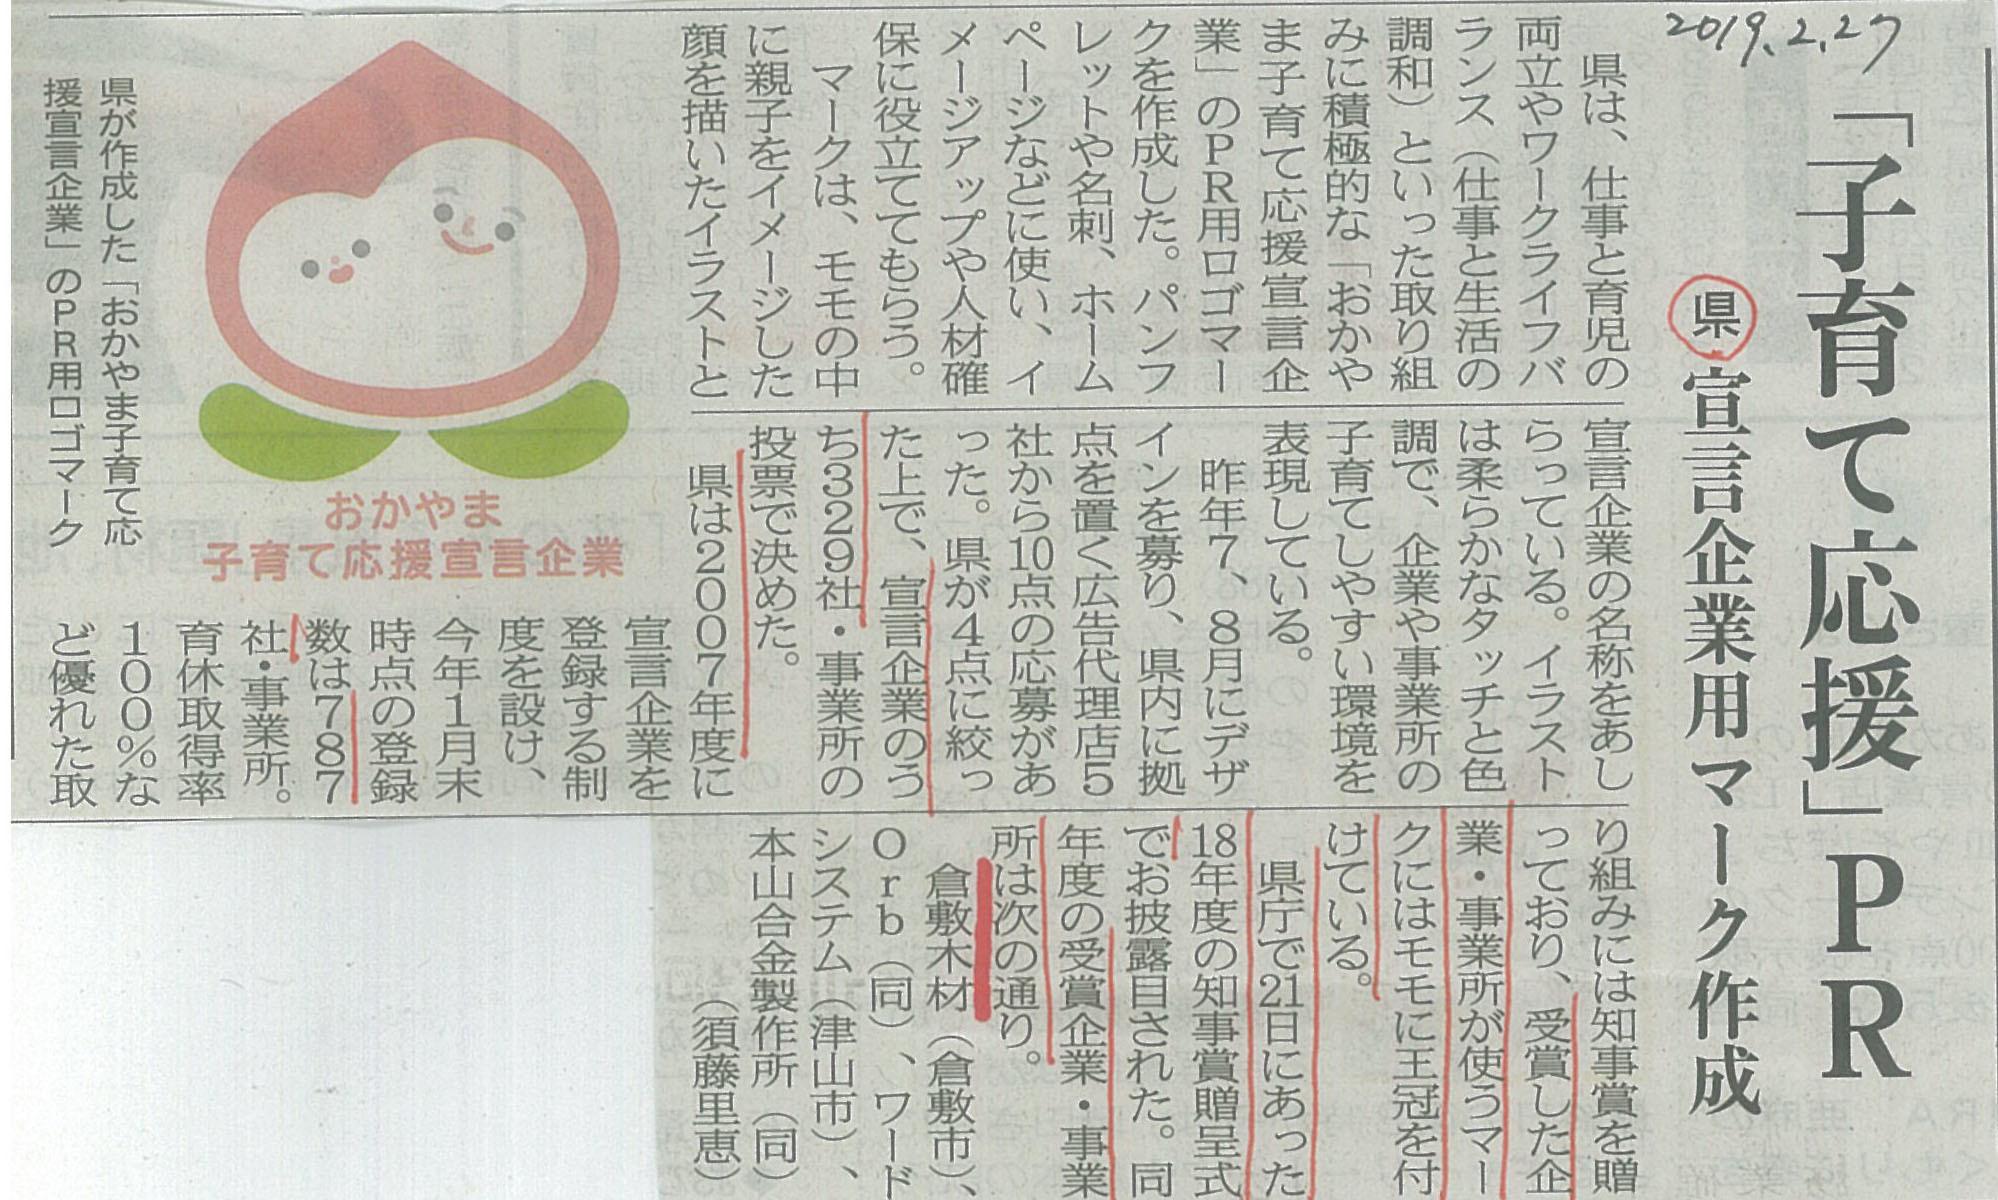 「おかやま子育て応援宣言企業」岡山県知事賞の受賞_b0211845_12035874.jpg